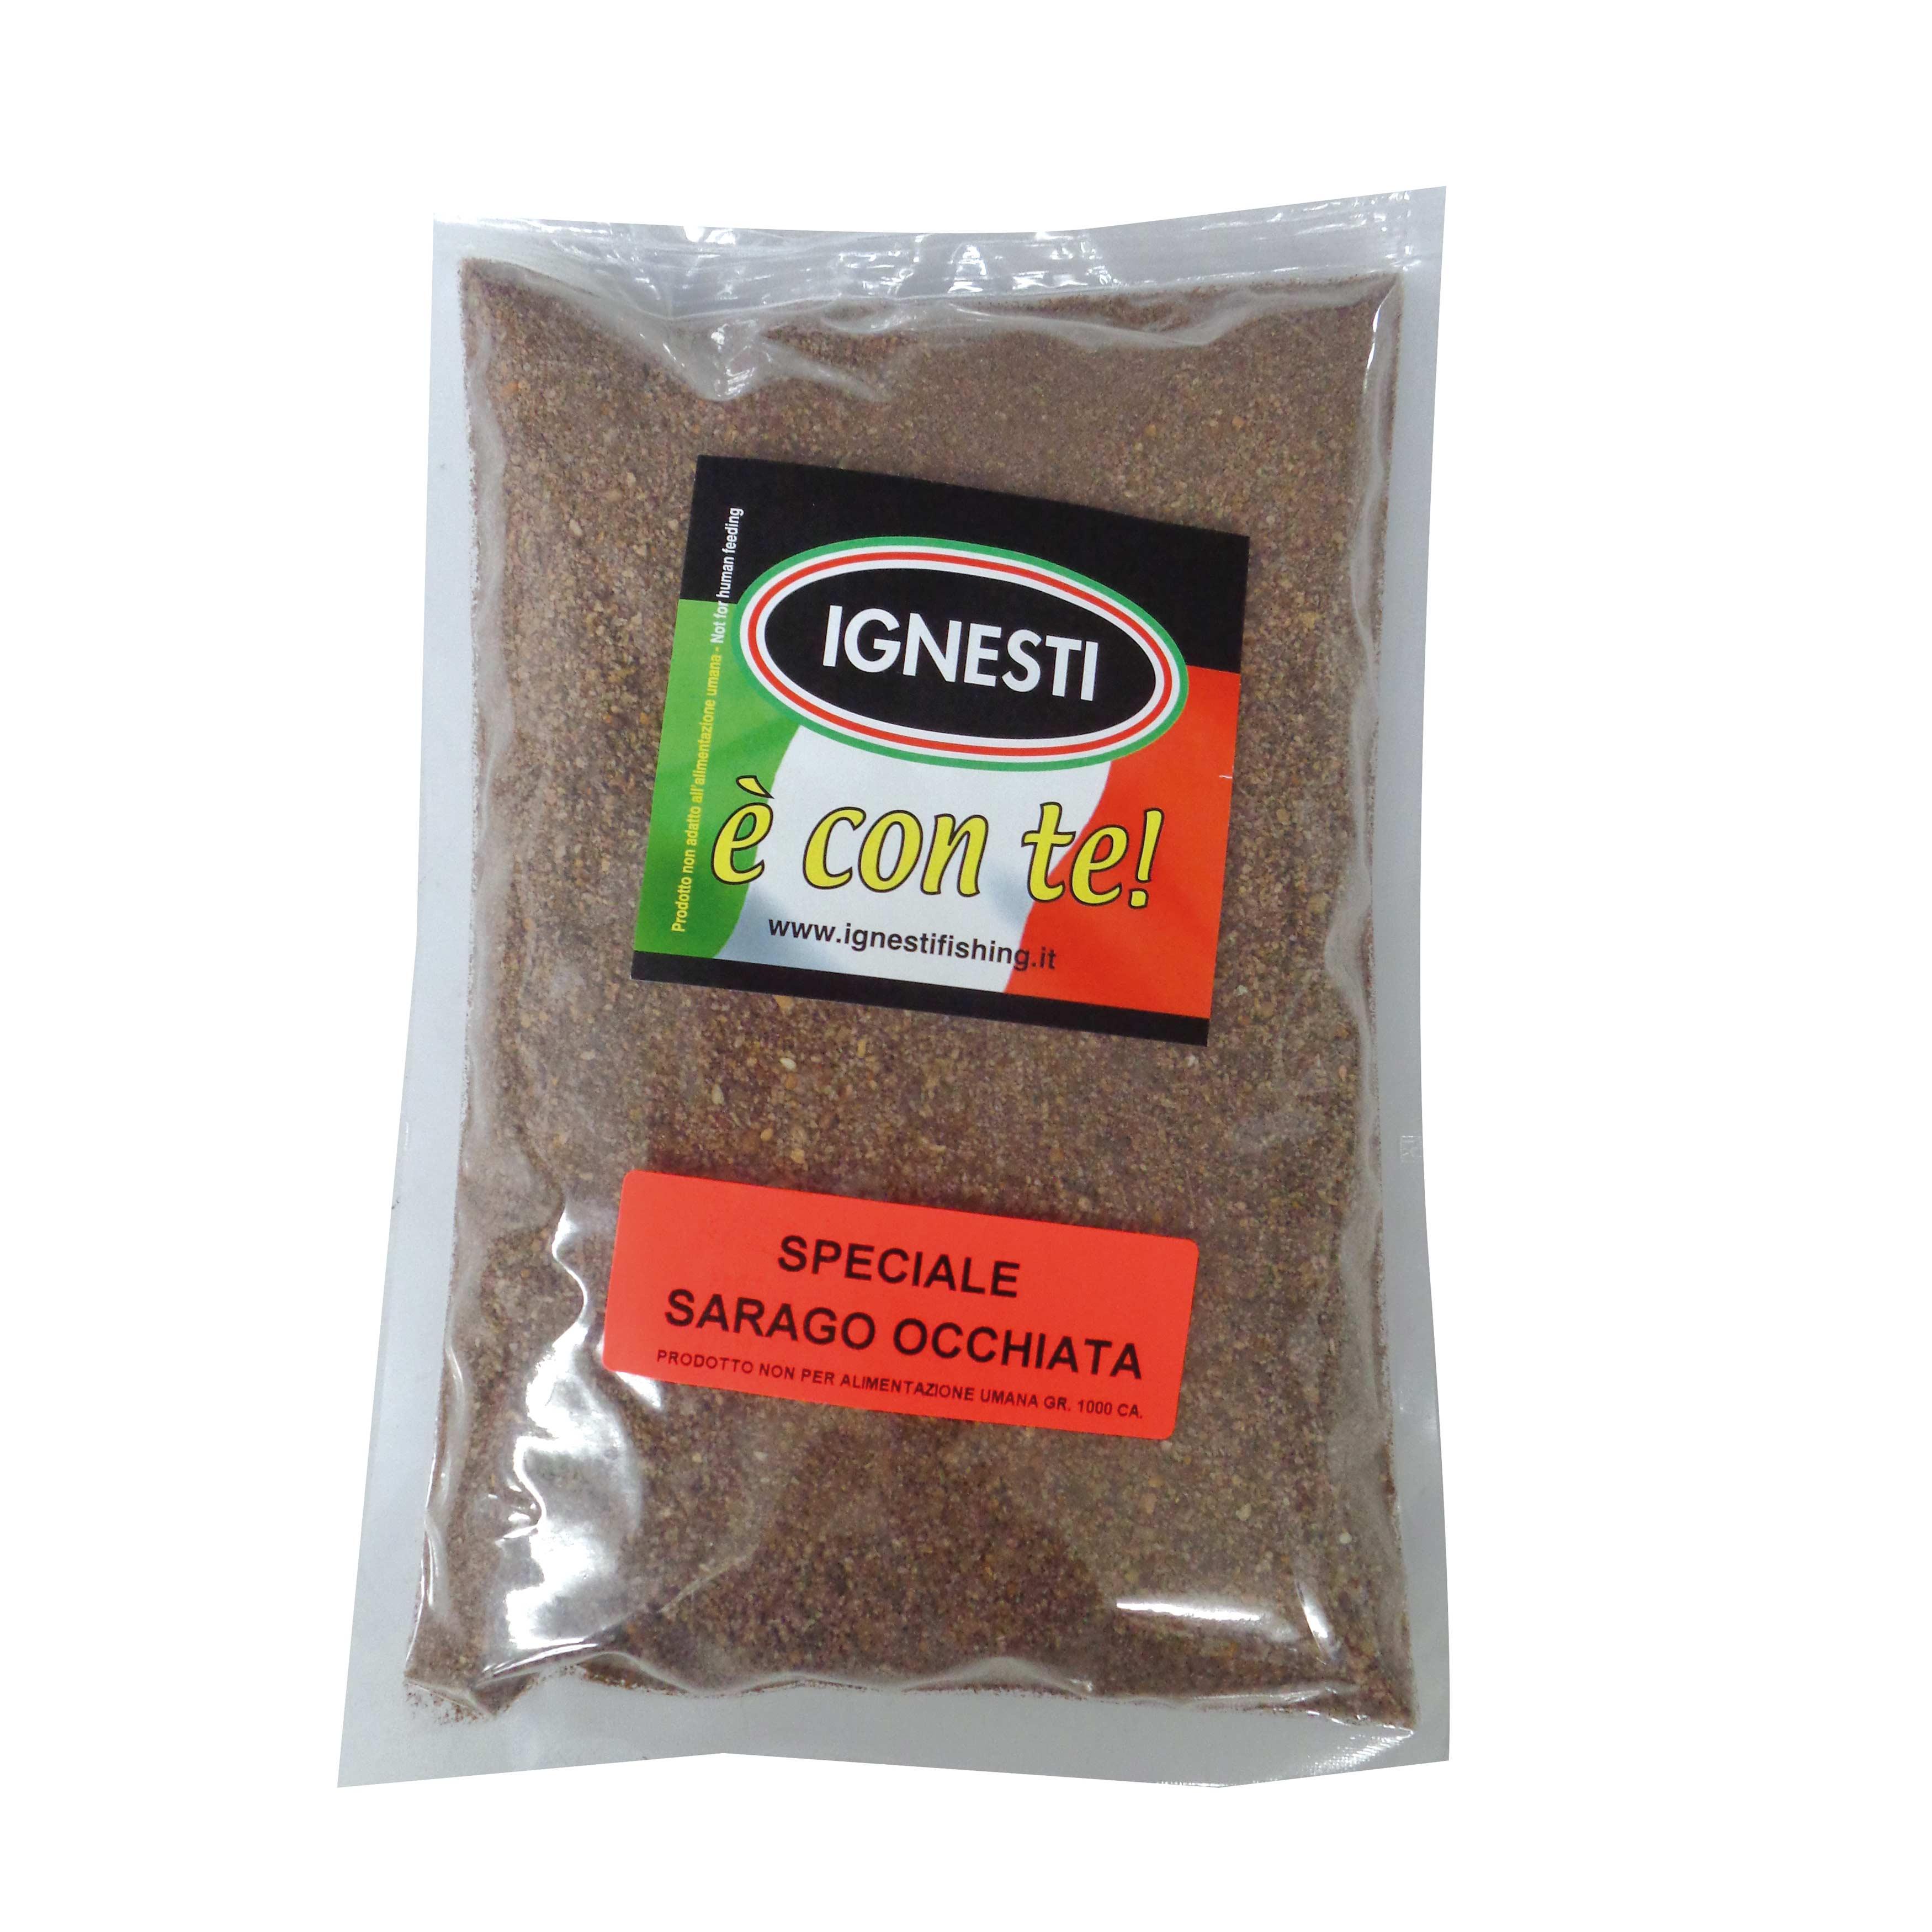 Pastura Sarago Occhiata 1,0 Kg